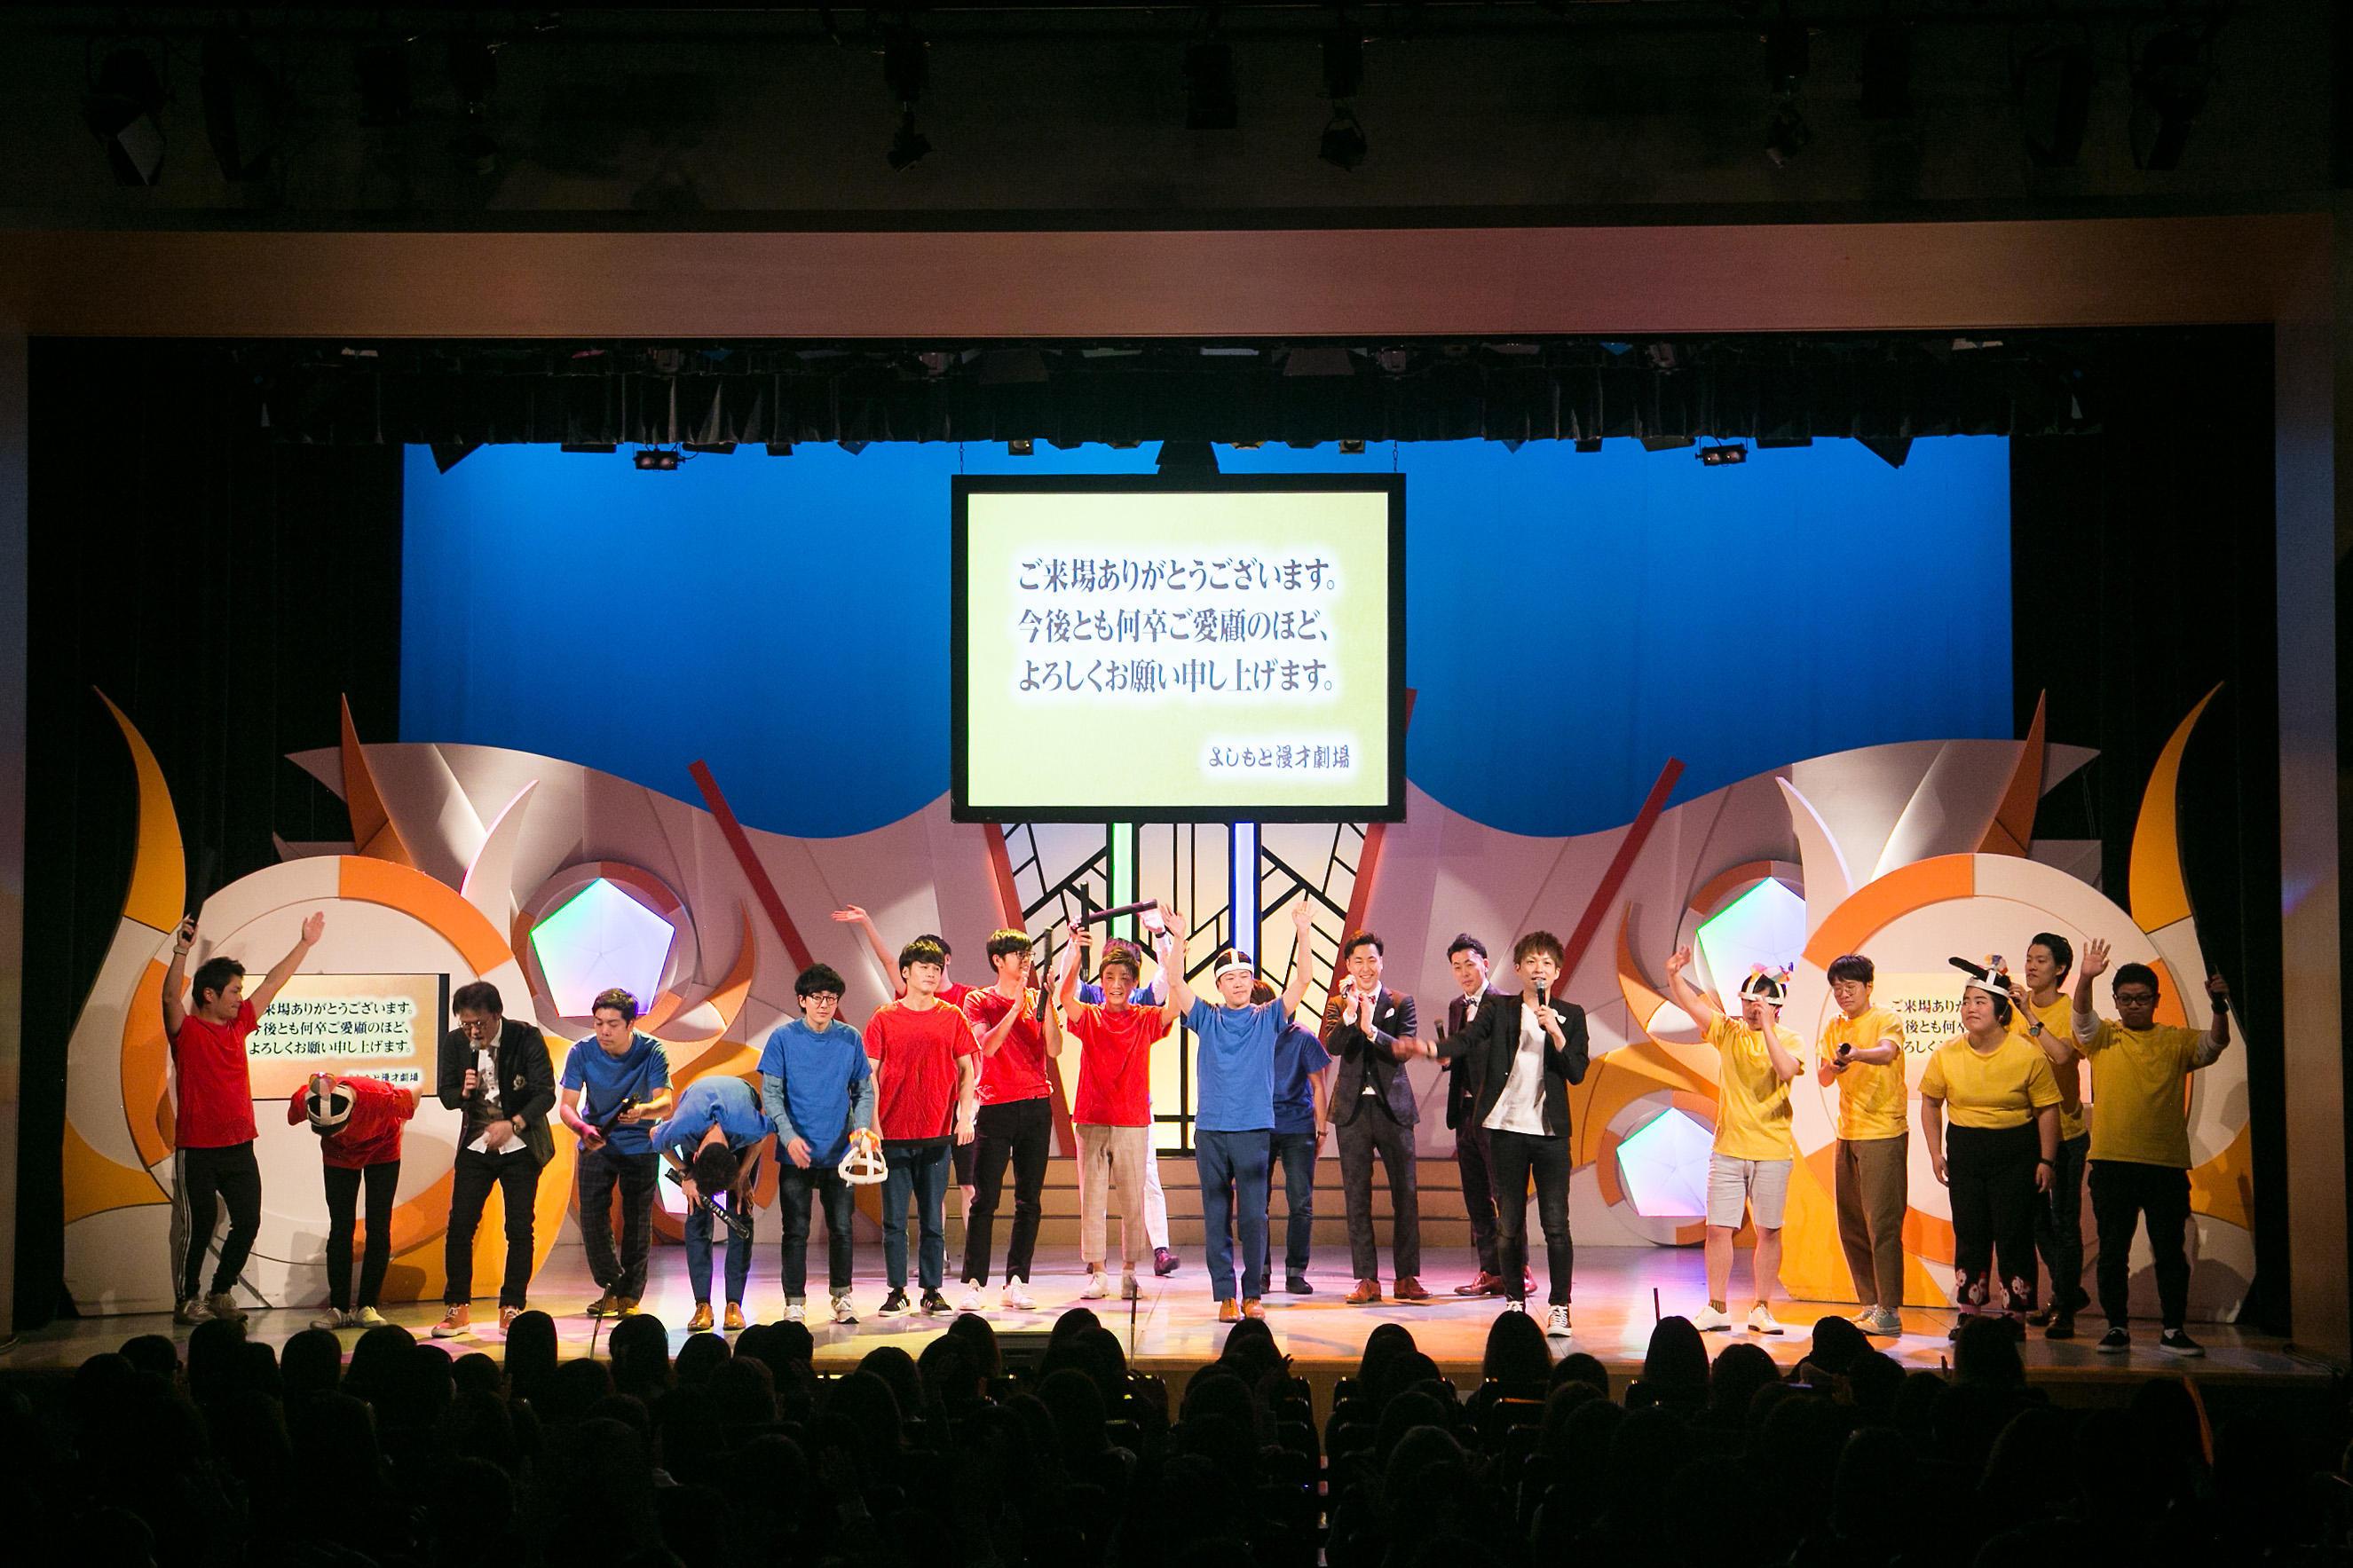 http://news.yoshimoto.co.jp/20171205222051-bd9eb4ca9e5360f38dc8fb898f8b13c3feadefbe.jpg